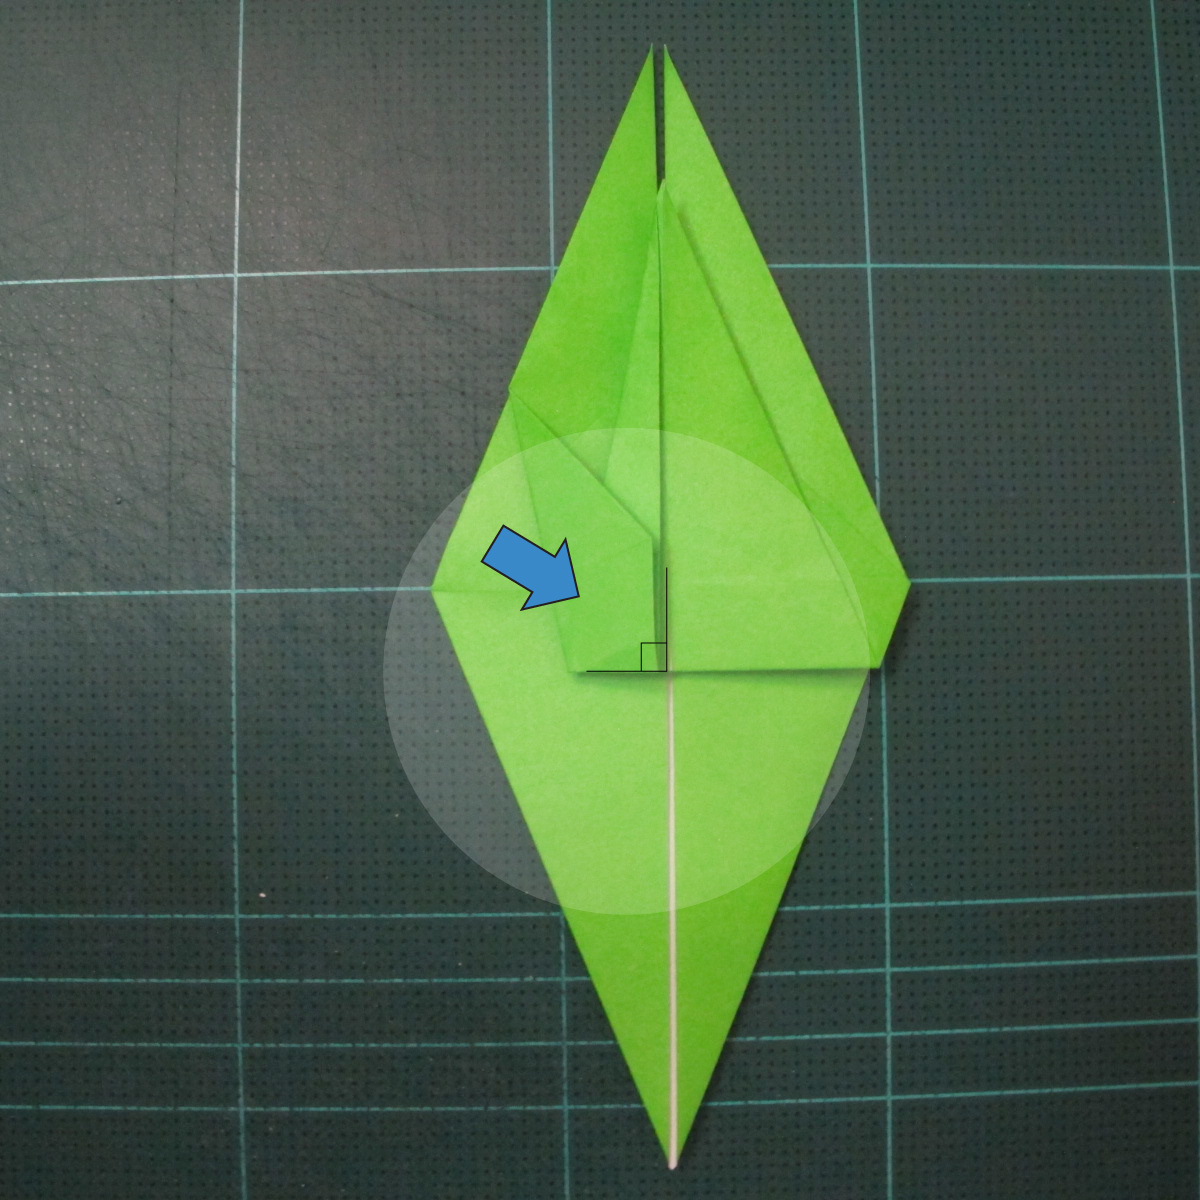 วิธีพับกระดาษเป็นรูปหอยทาก (origami Snail) 009